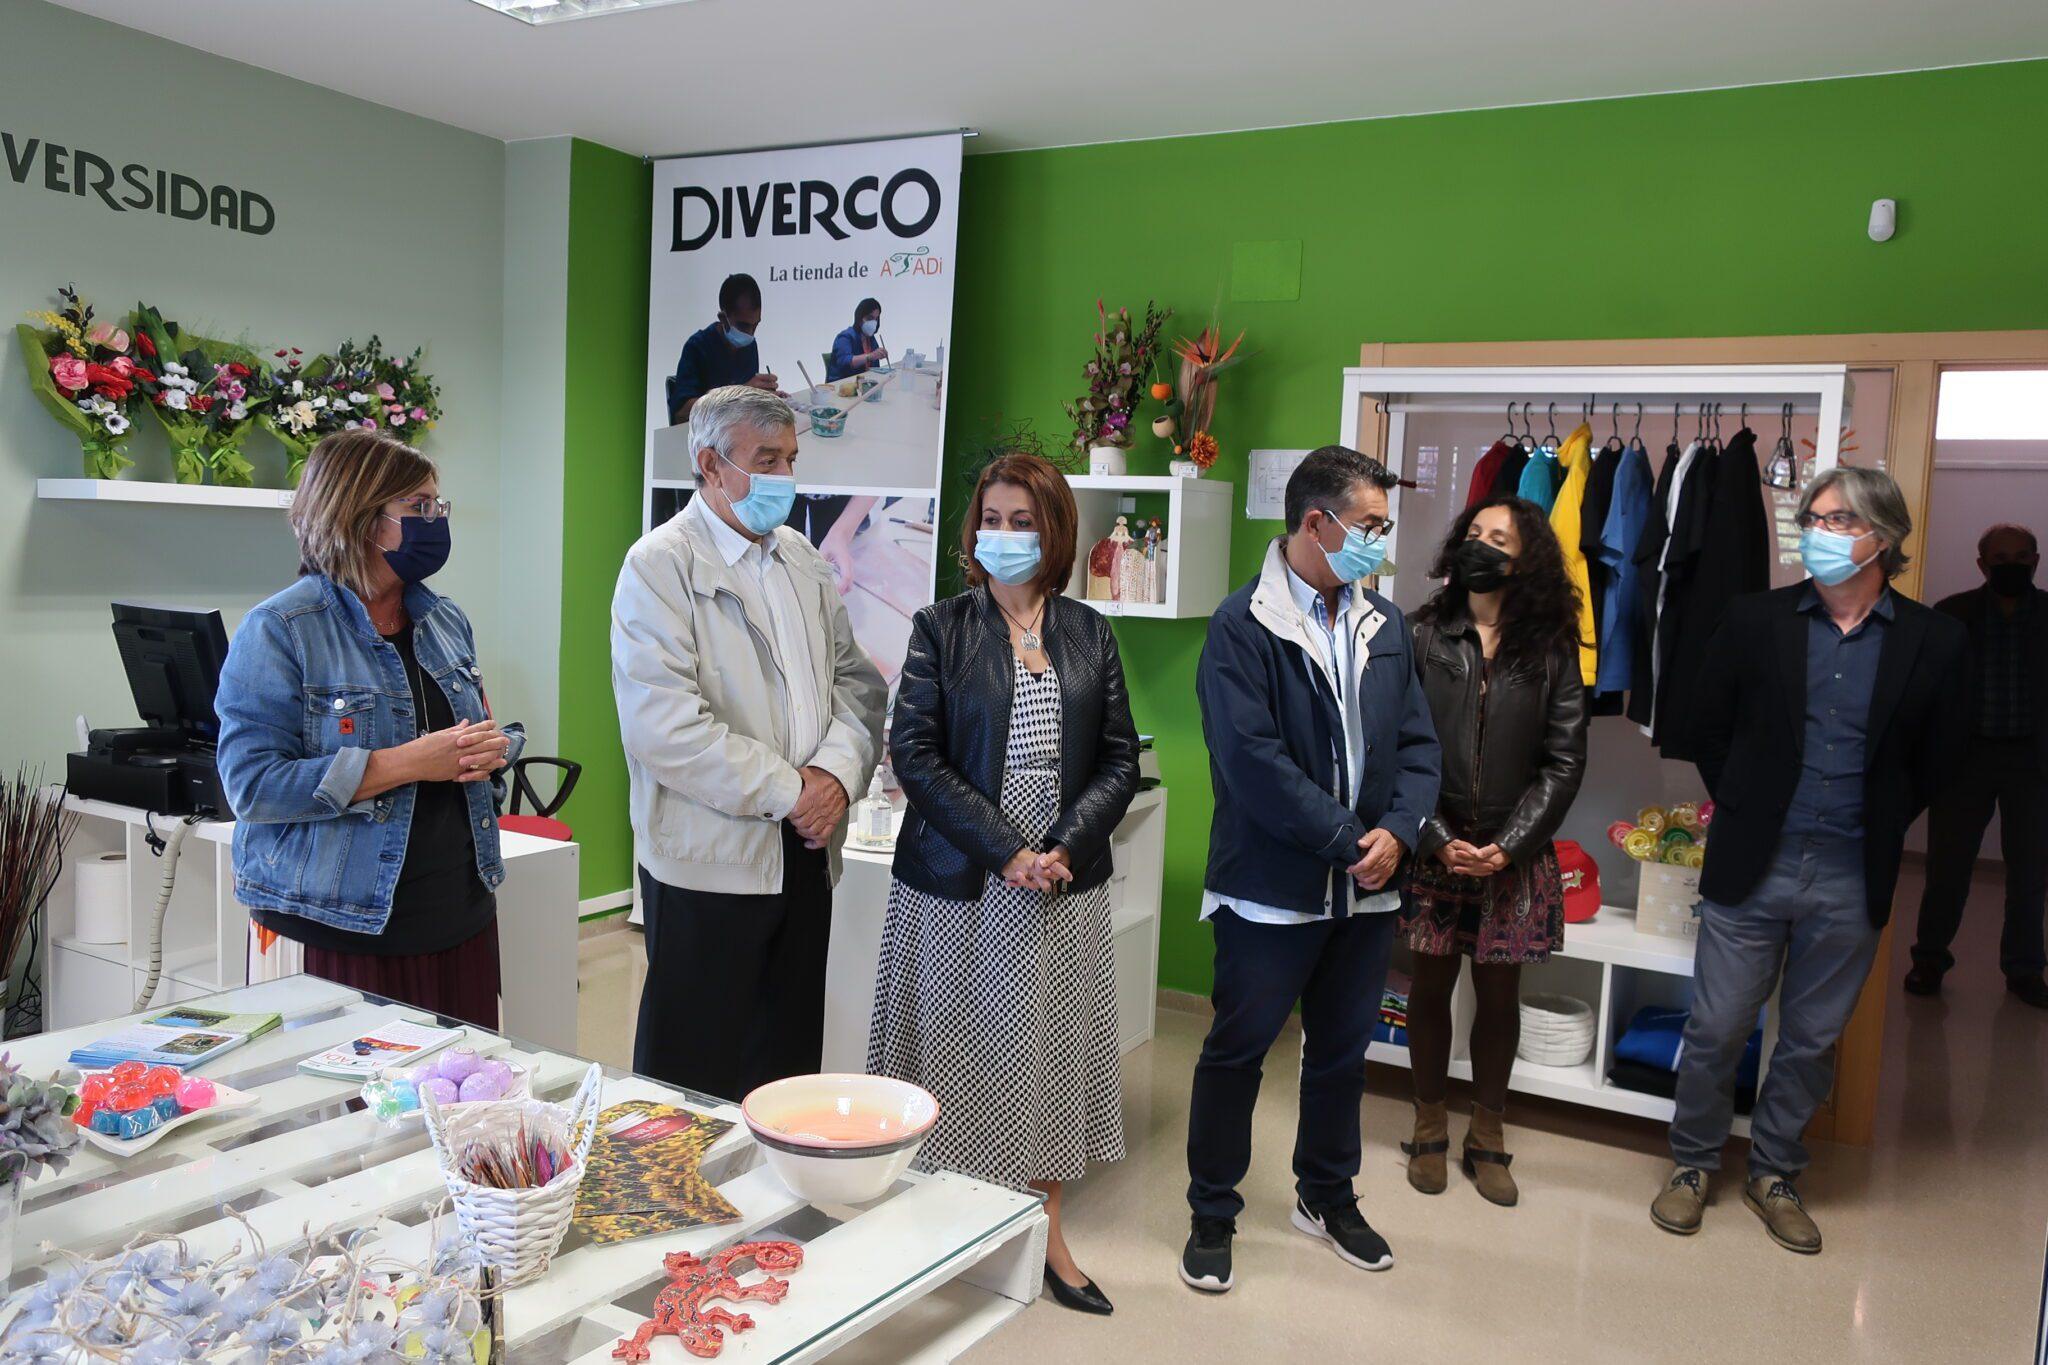 ATADI abre Diverco, una tienda de productos ecosostenibles en Teruel